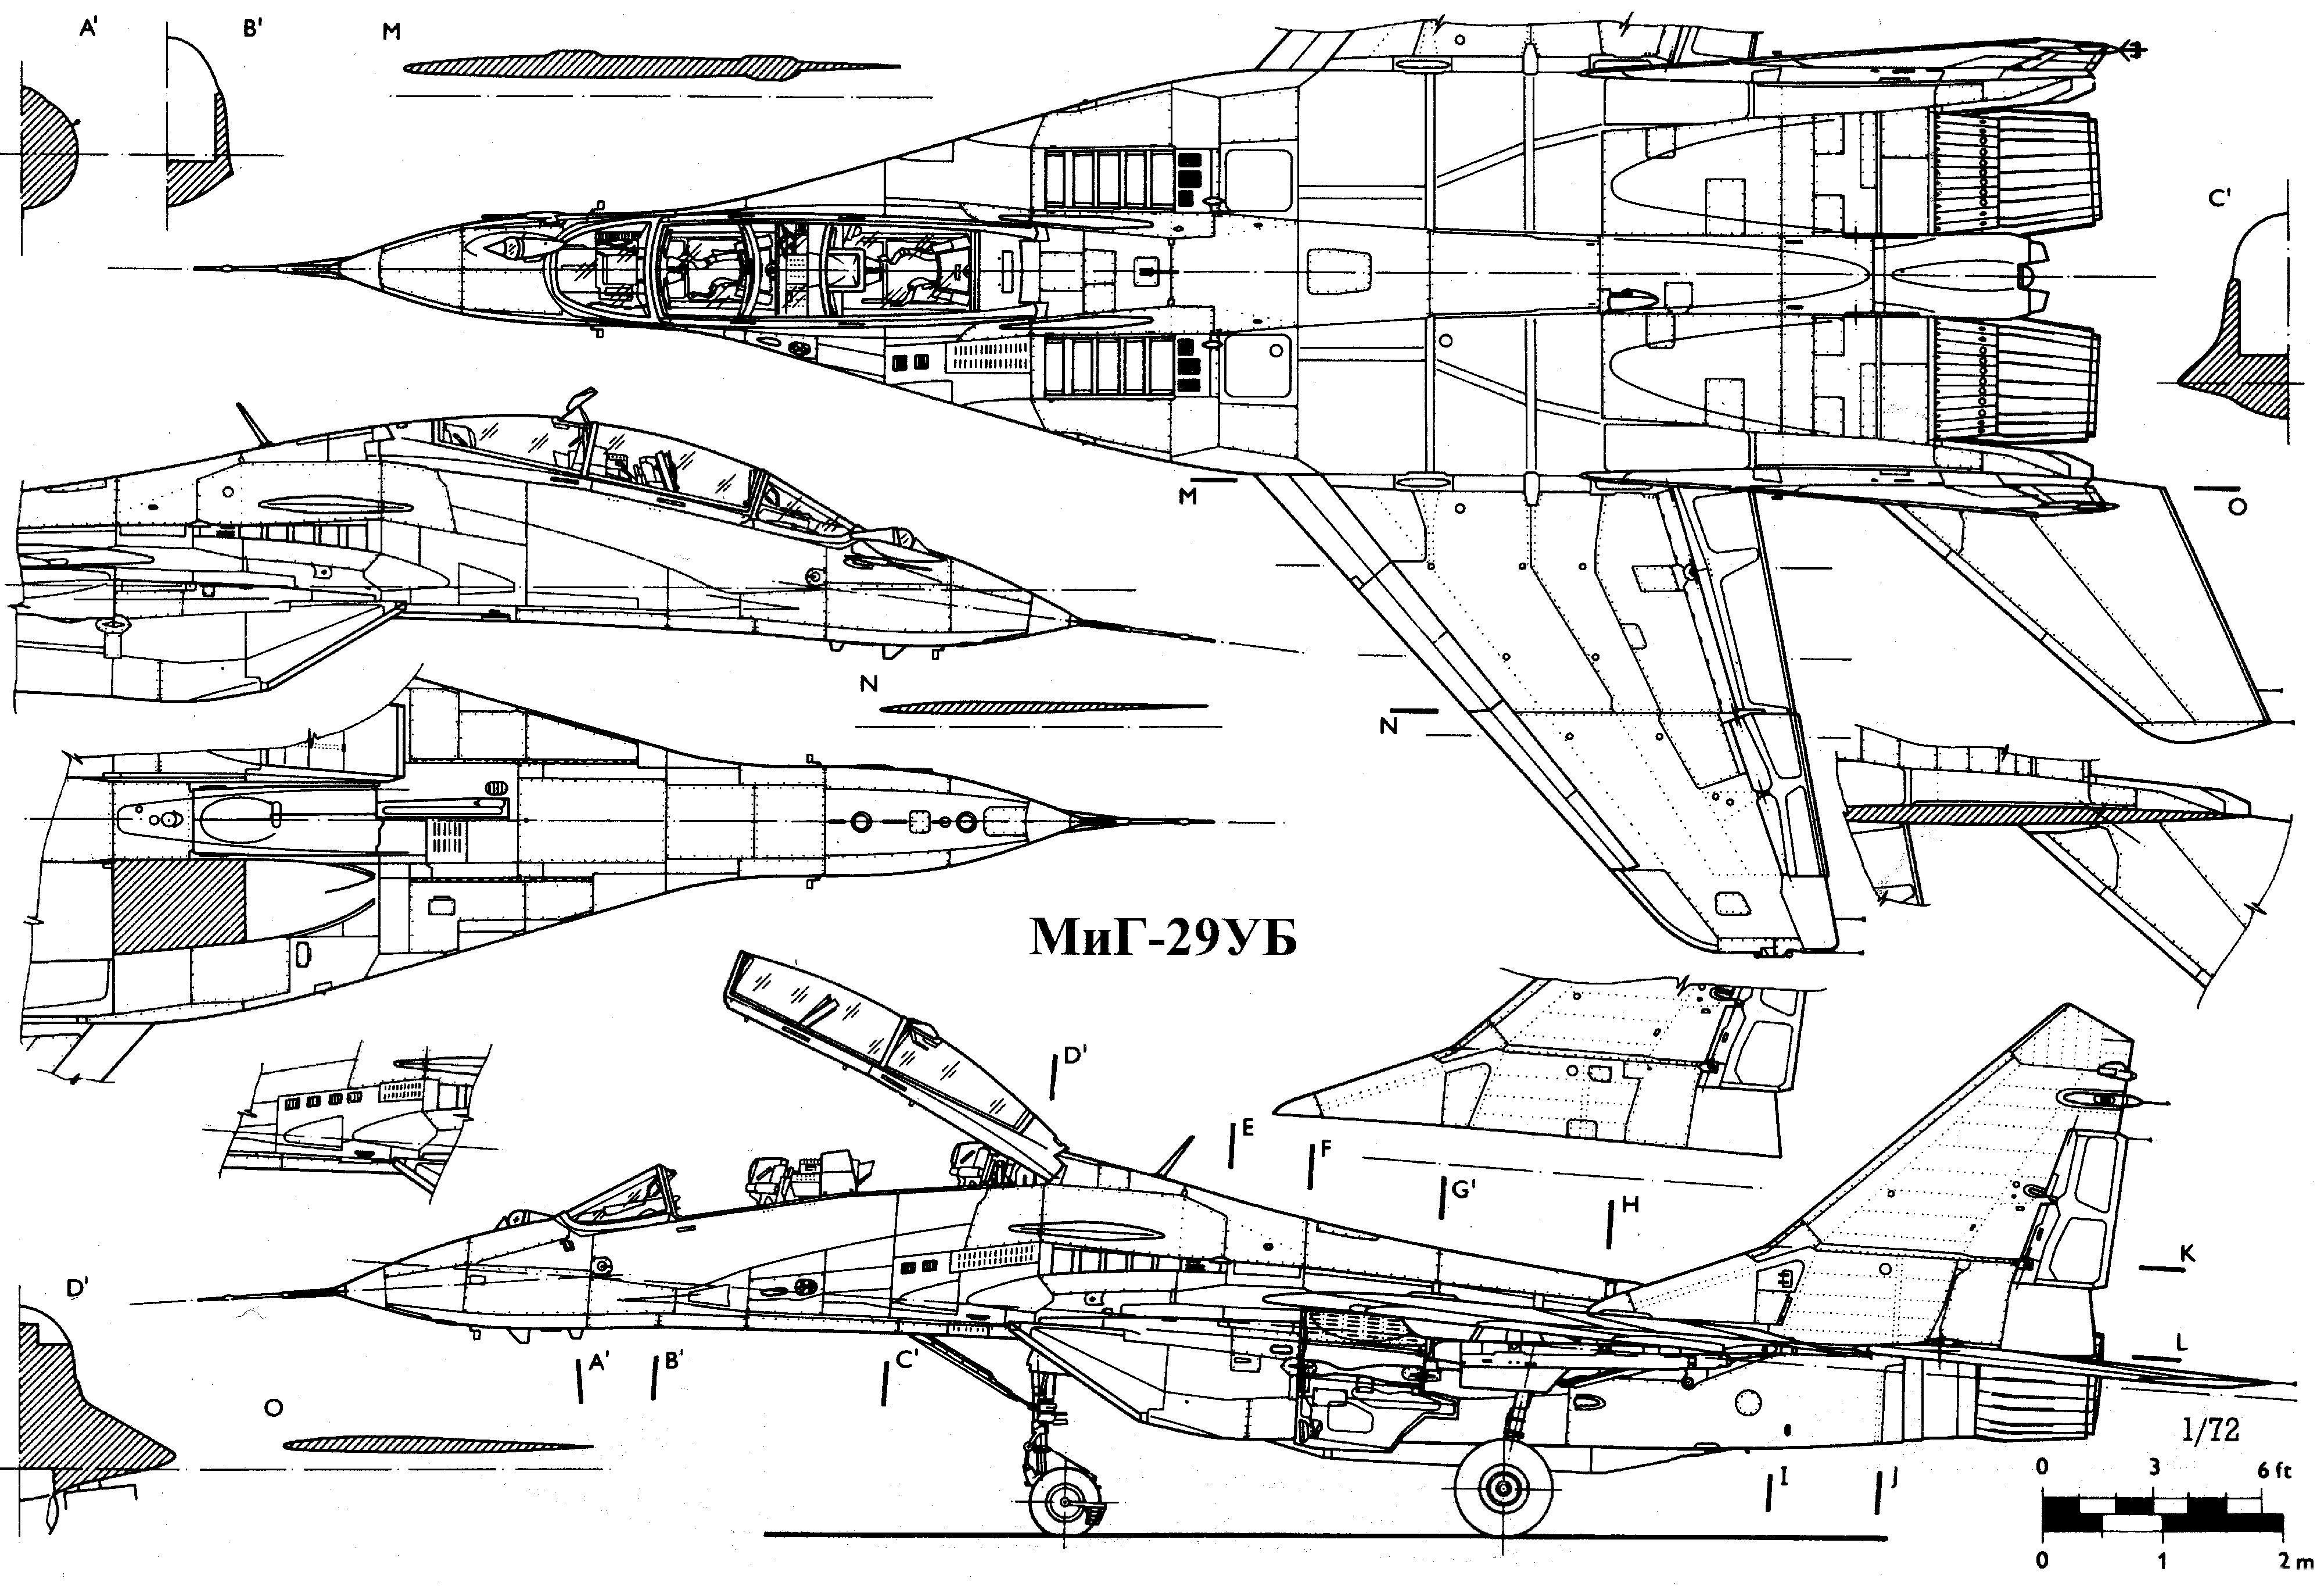 MiG-29ub blueprint